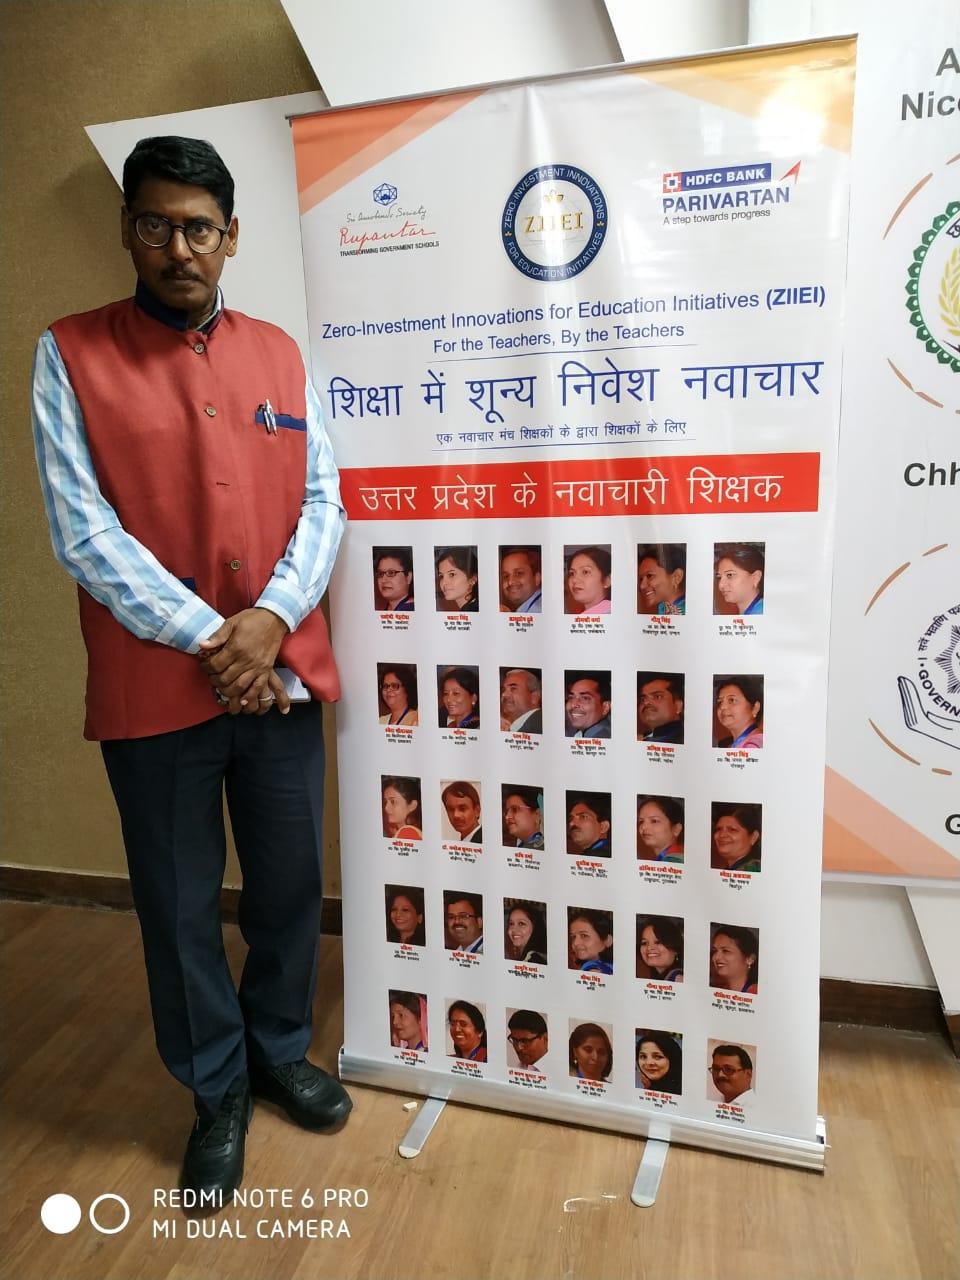 हिंदी समाचार | 18 राज्यो के 600 नवाचारी शिक्षको को उनके नवाचार संबंधित कार्यो हेतु किया गया सम्मानित